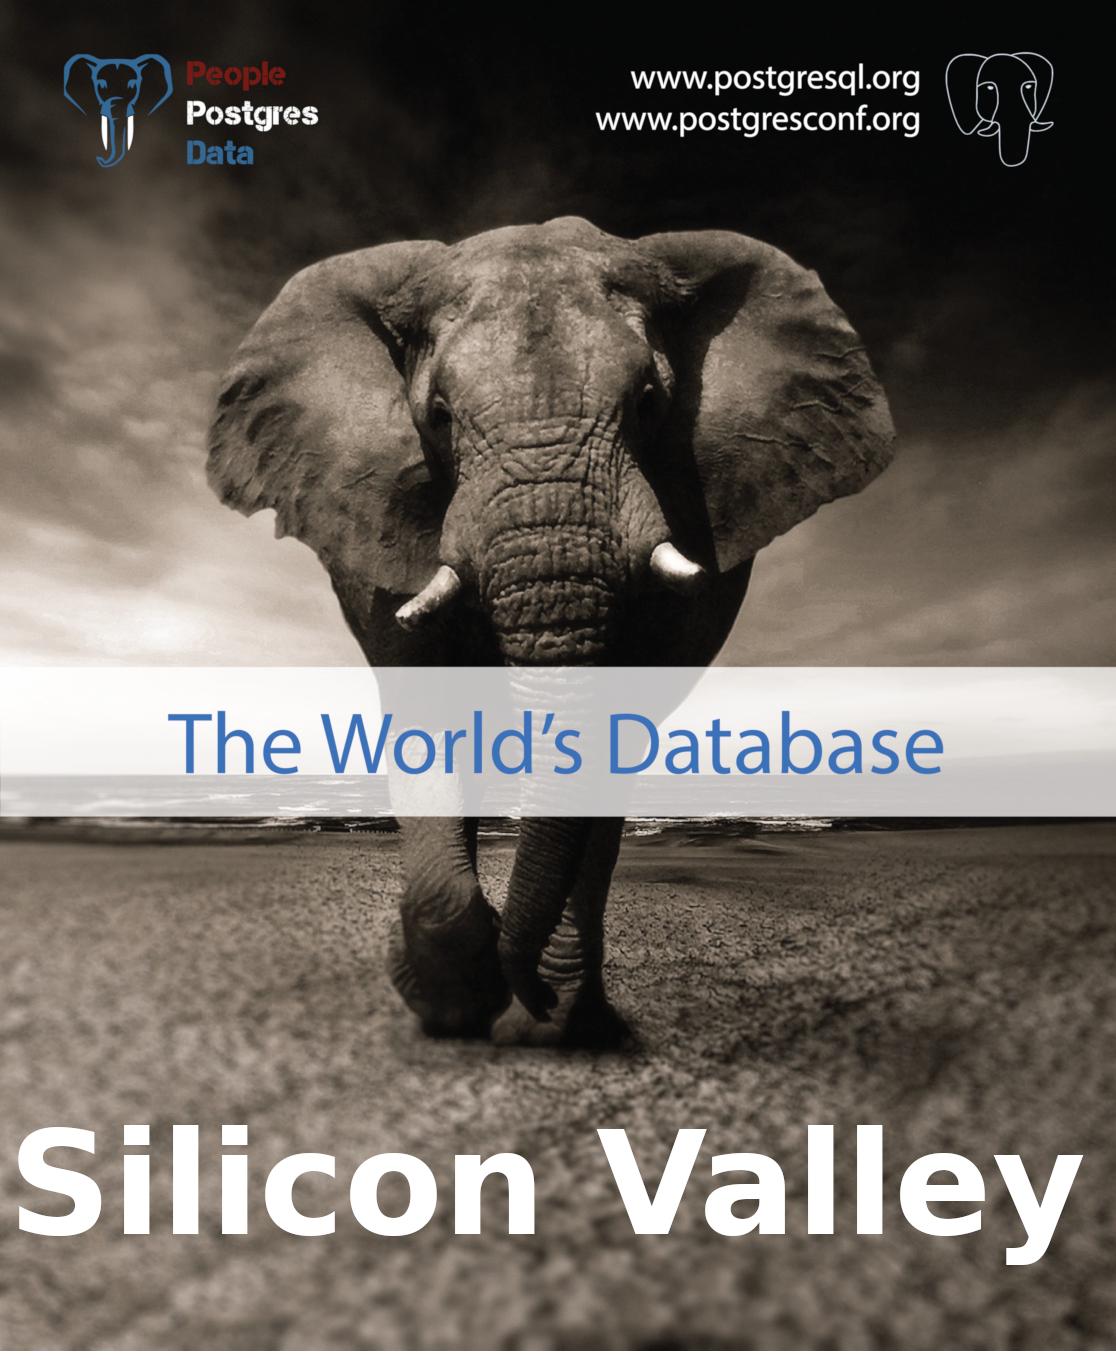 PostgreSQL Silicon Valley 2019